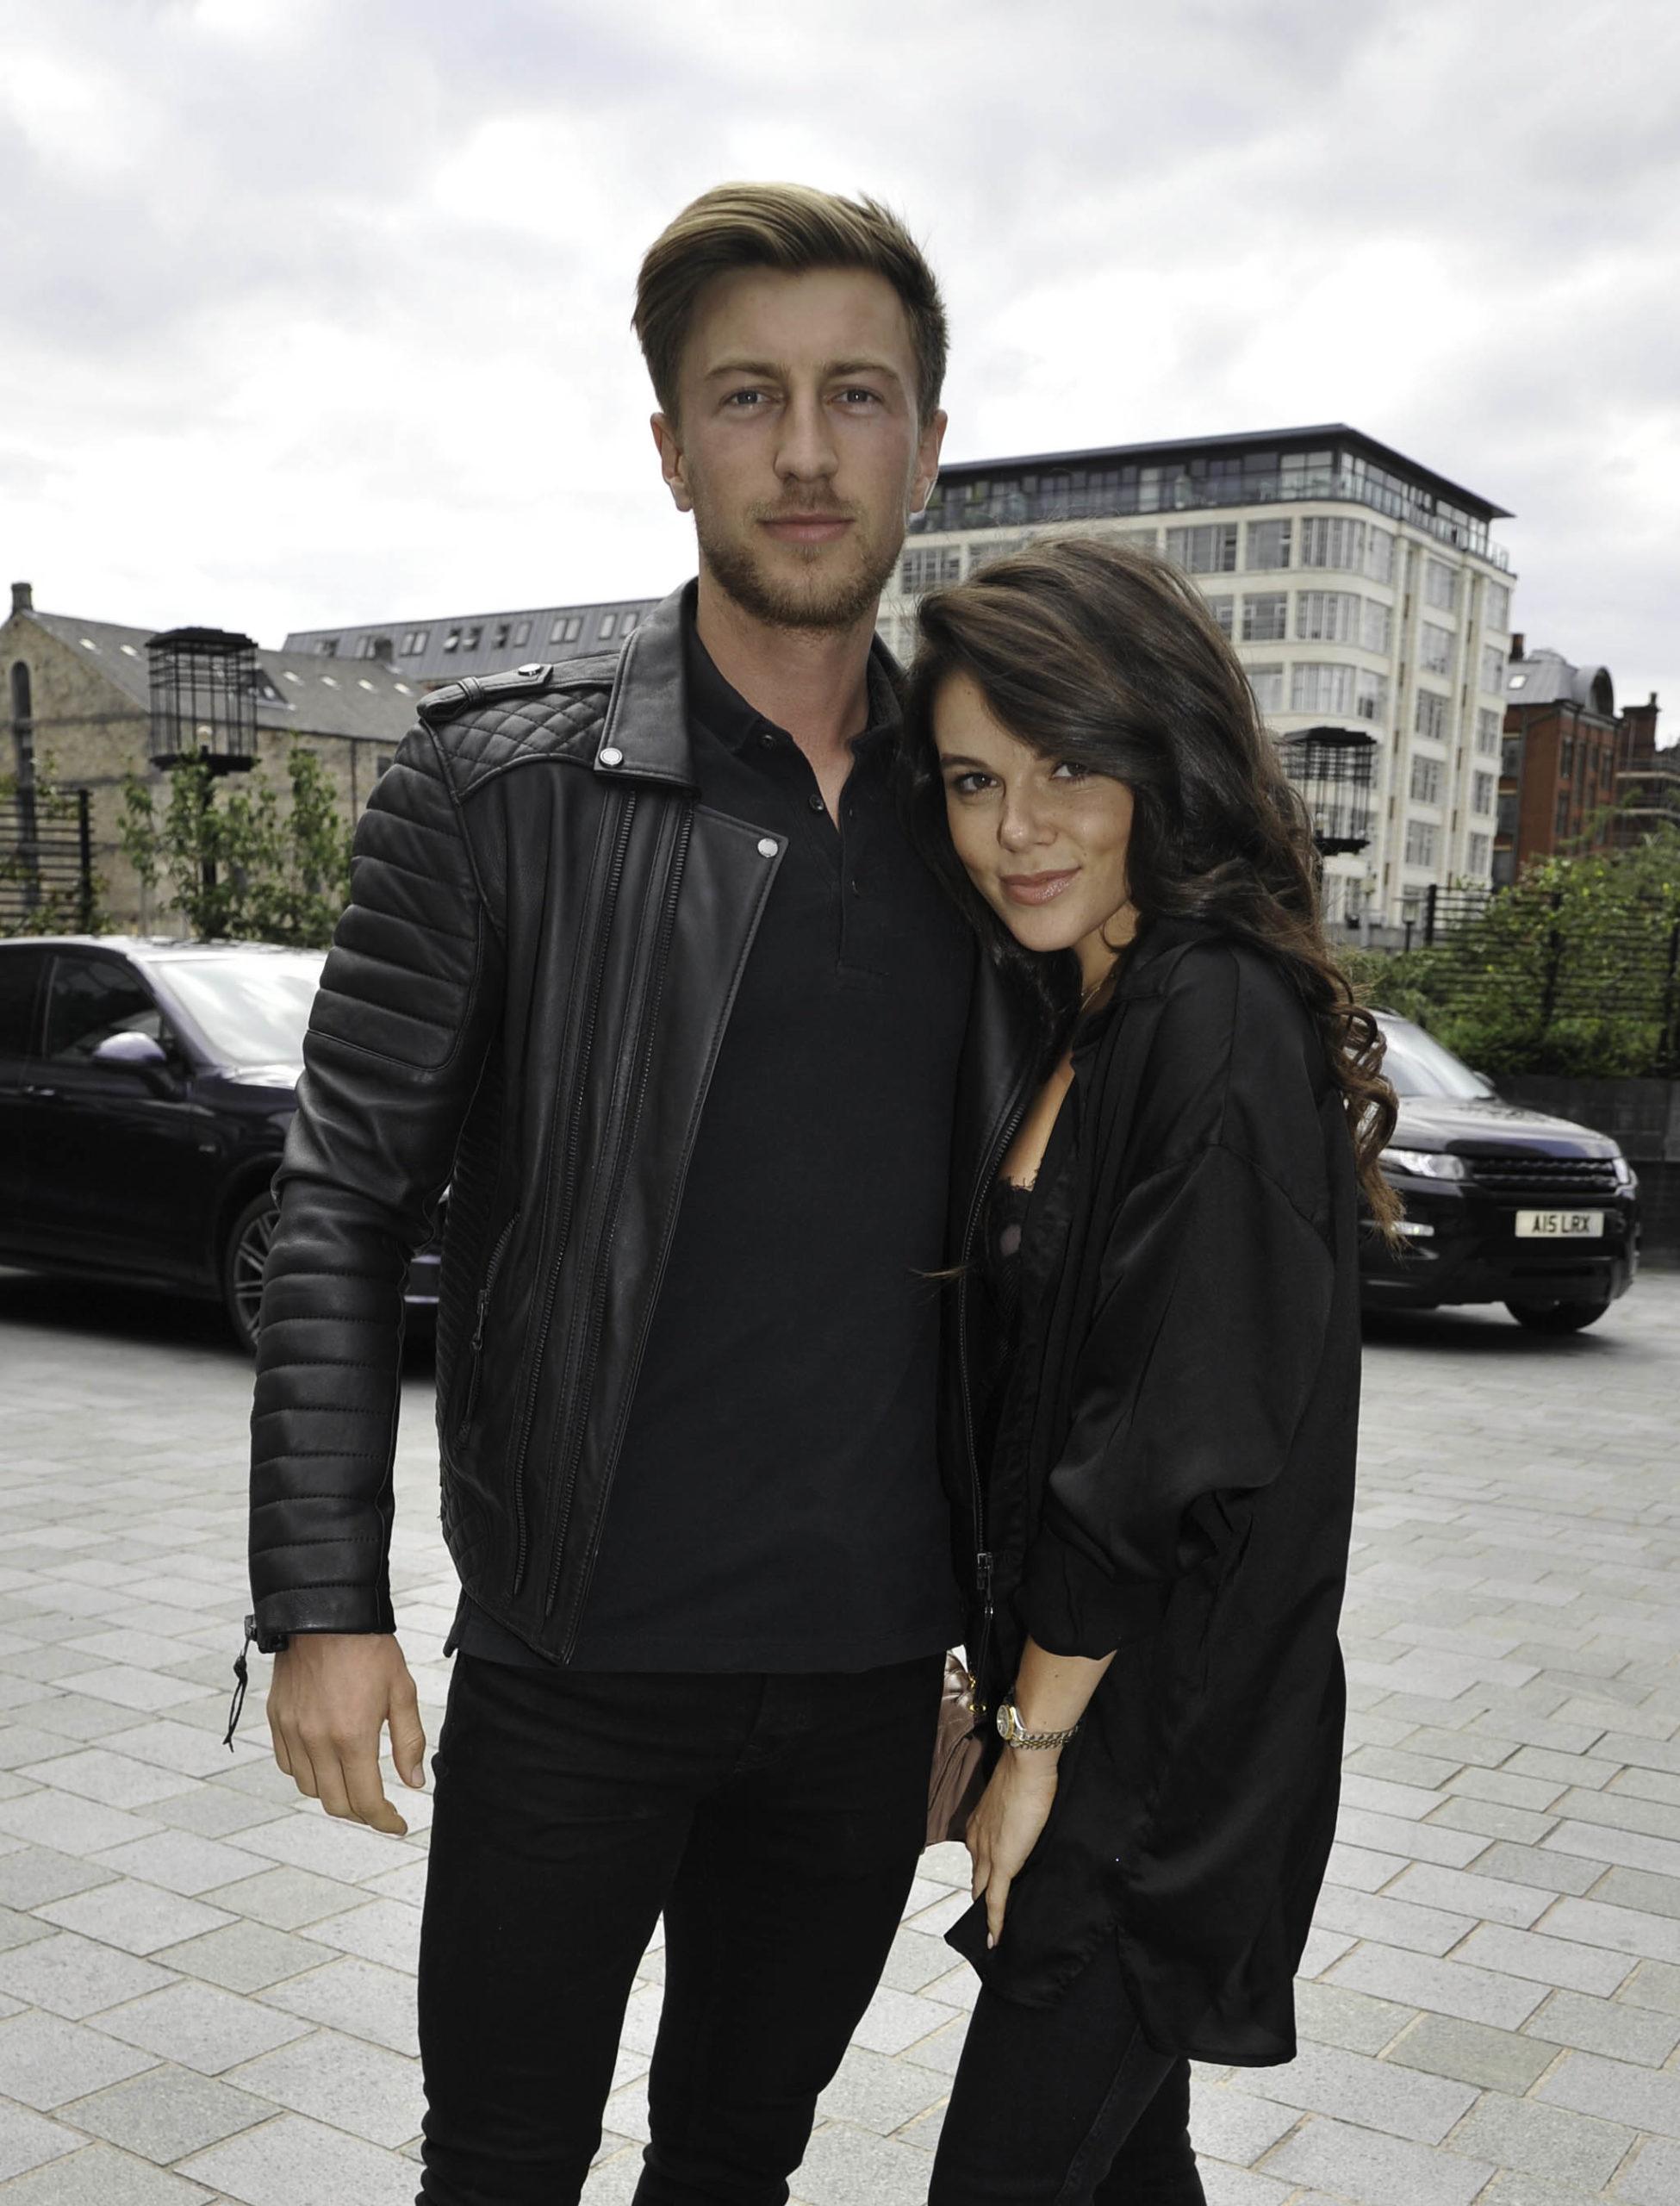 Faye Brookes and boyfriend Joe Davise